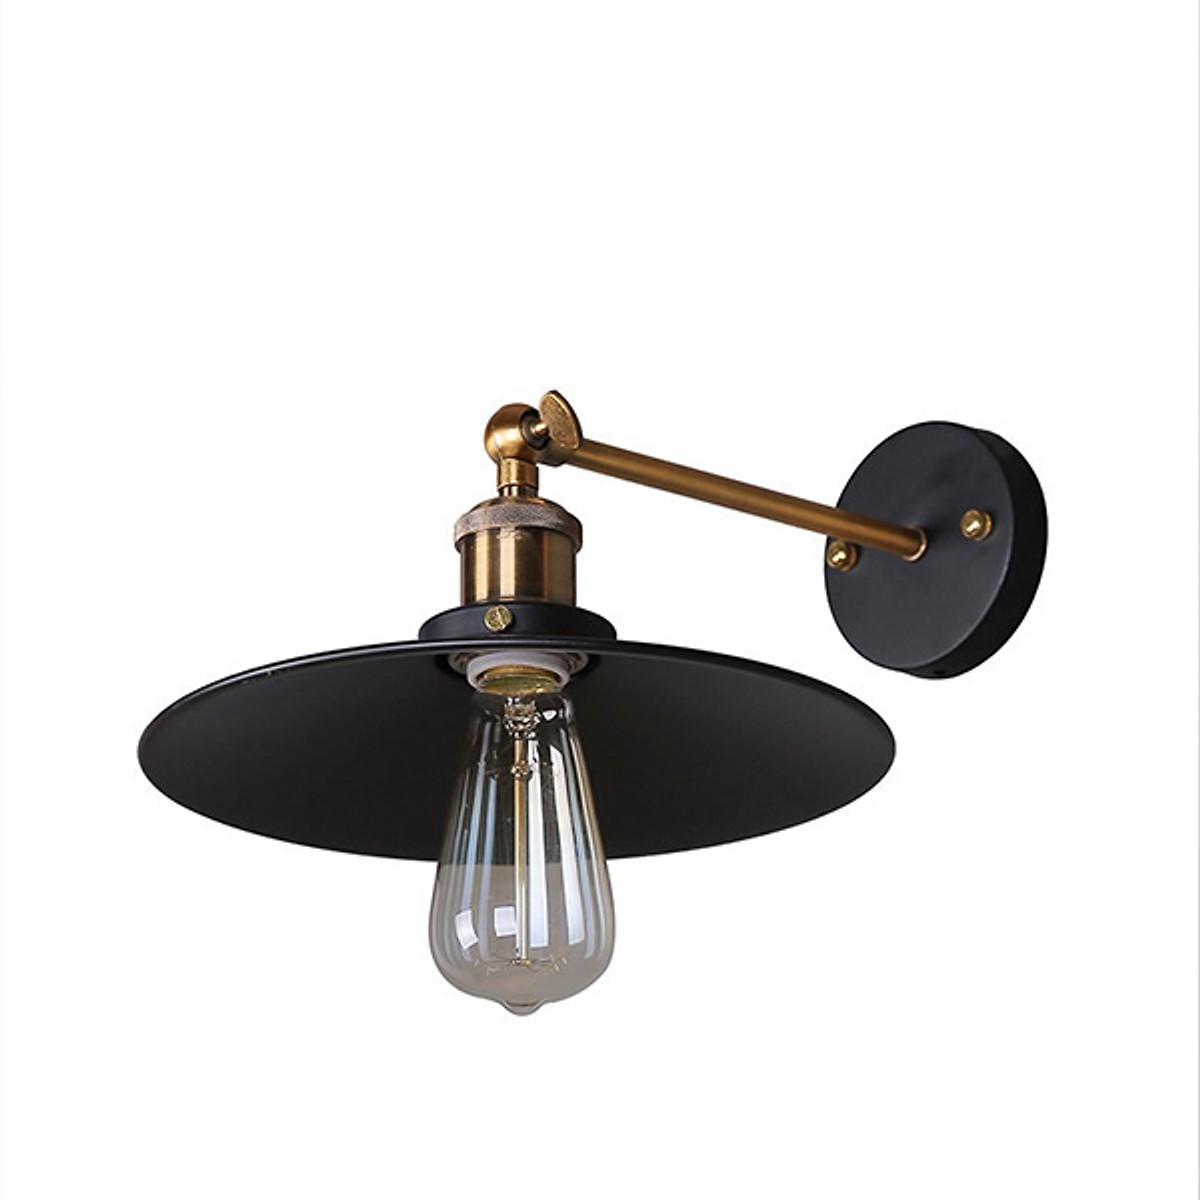 Đèn vách - đèn tường - đèn gắn tường - đèn cầu thang đui đồng cao cấp LOLIRA